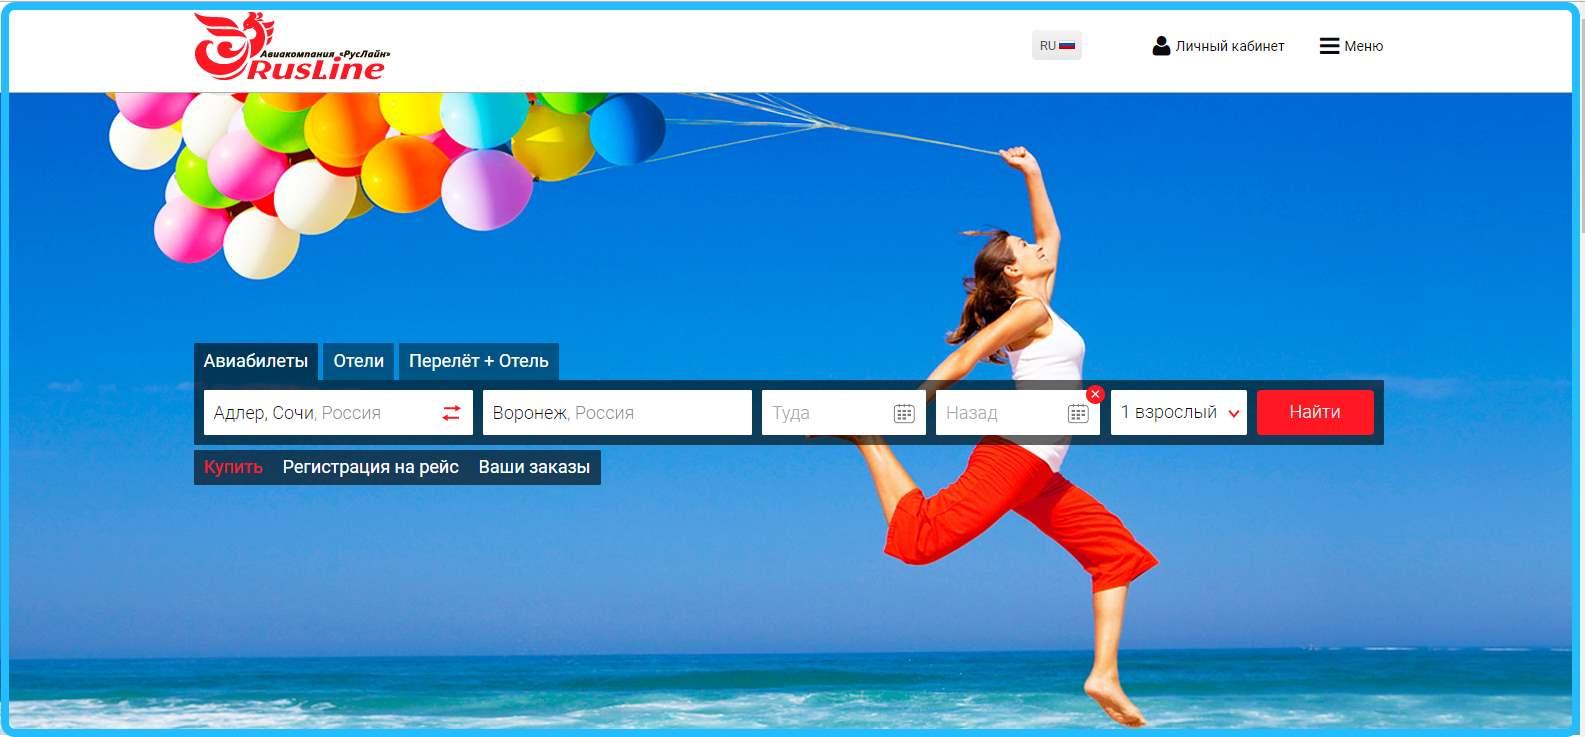 Официальный сайт РусЛайн